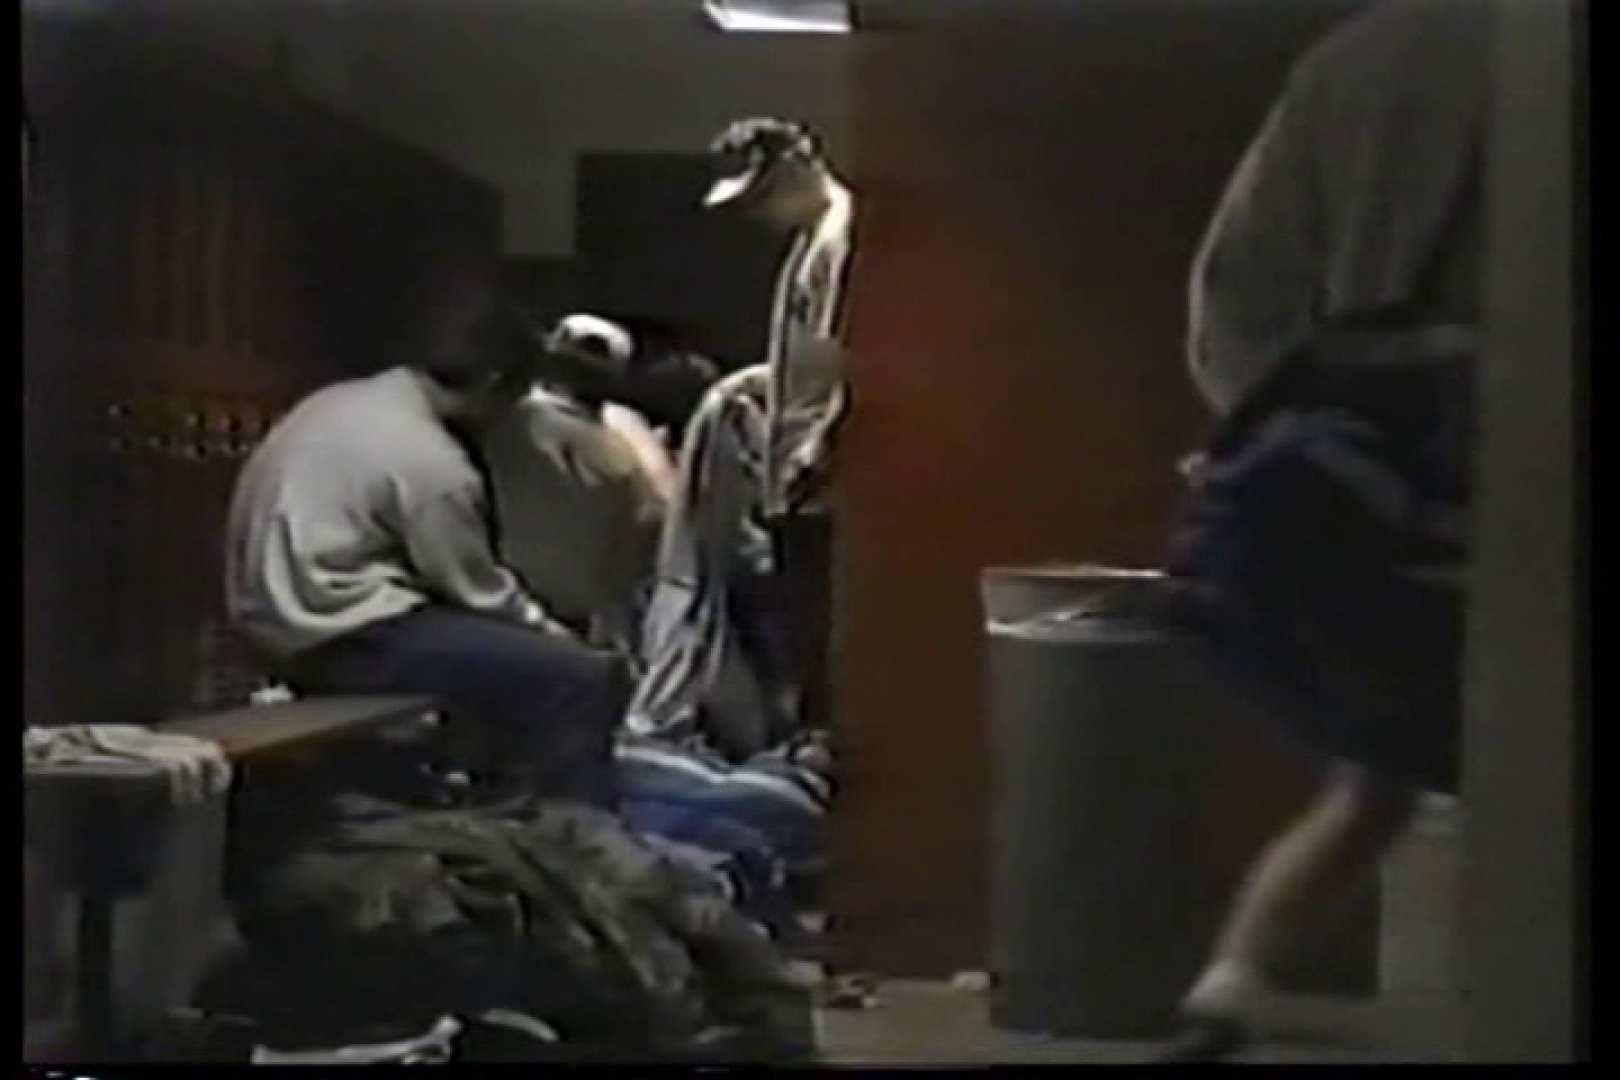 洋人さんの脱衣所を覗いてみました。VOL.3 覗きシーン ペニス画像 92枚 82